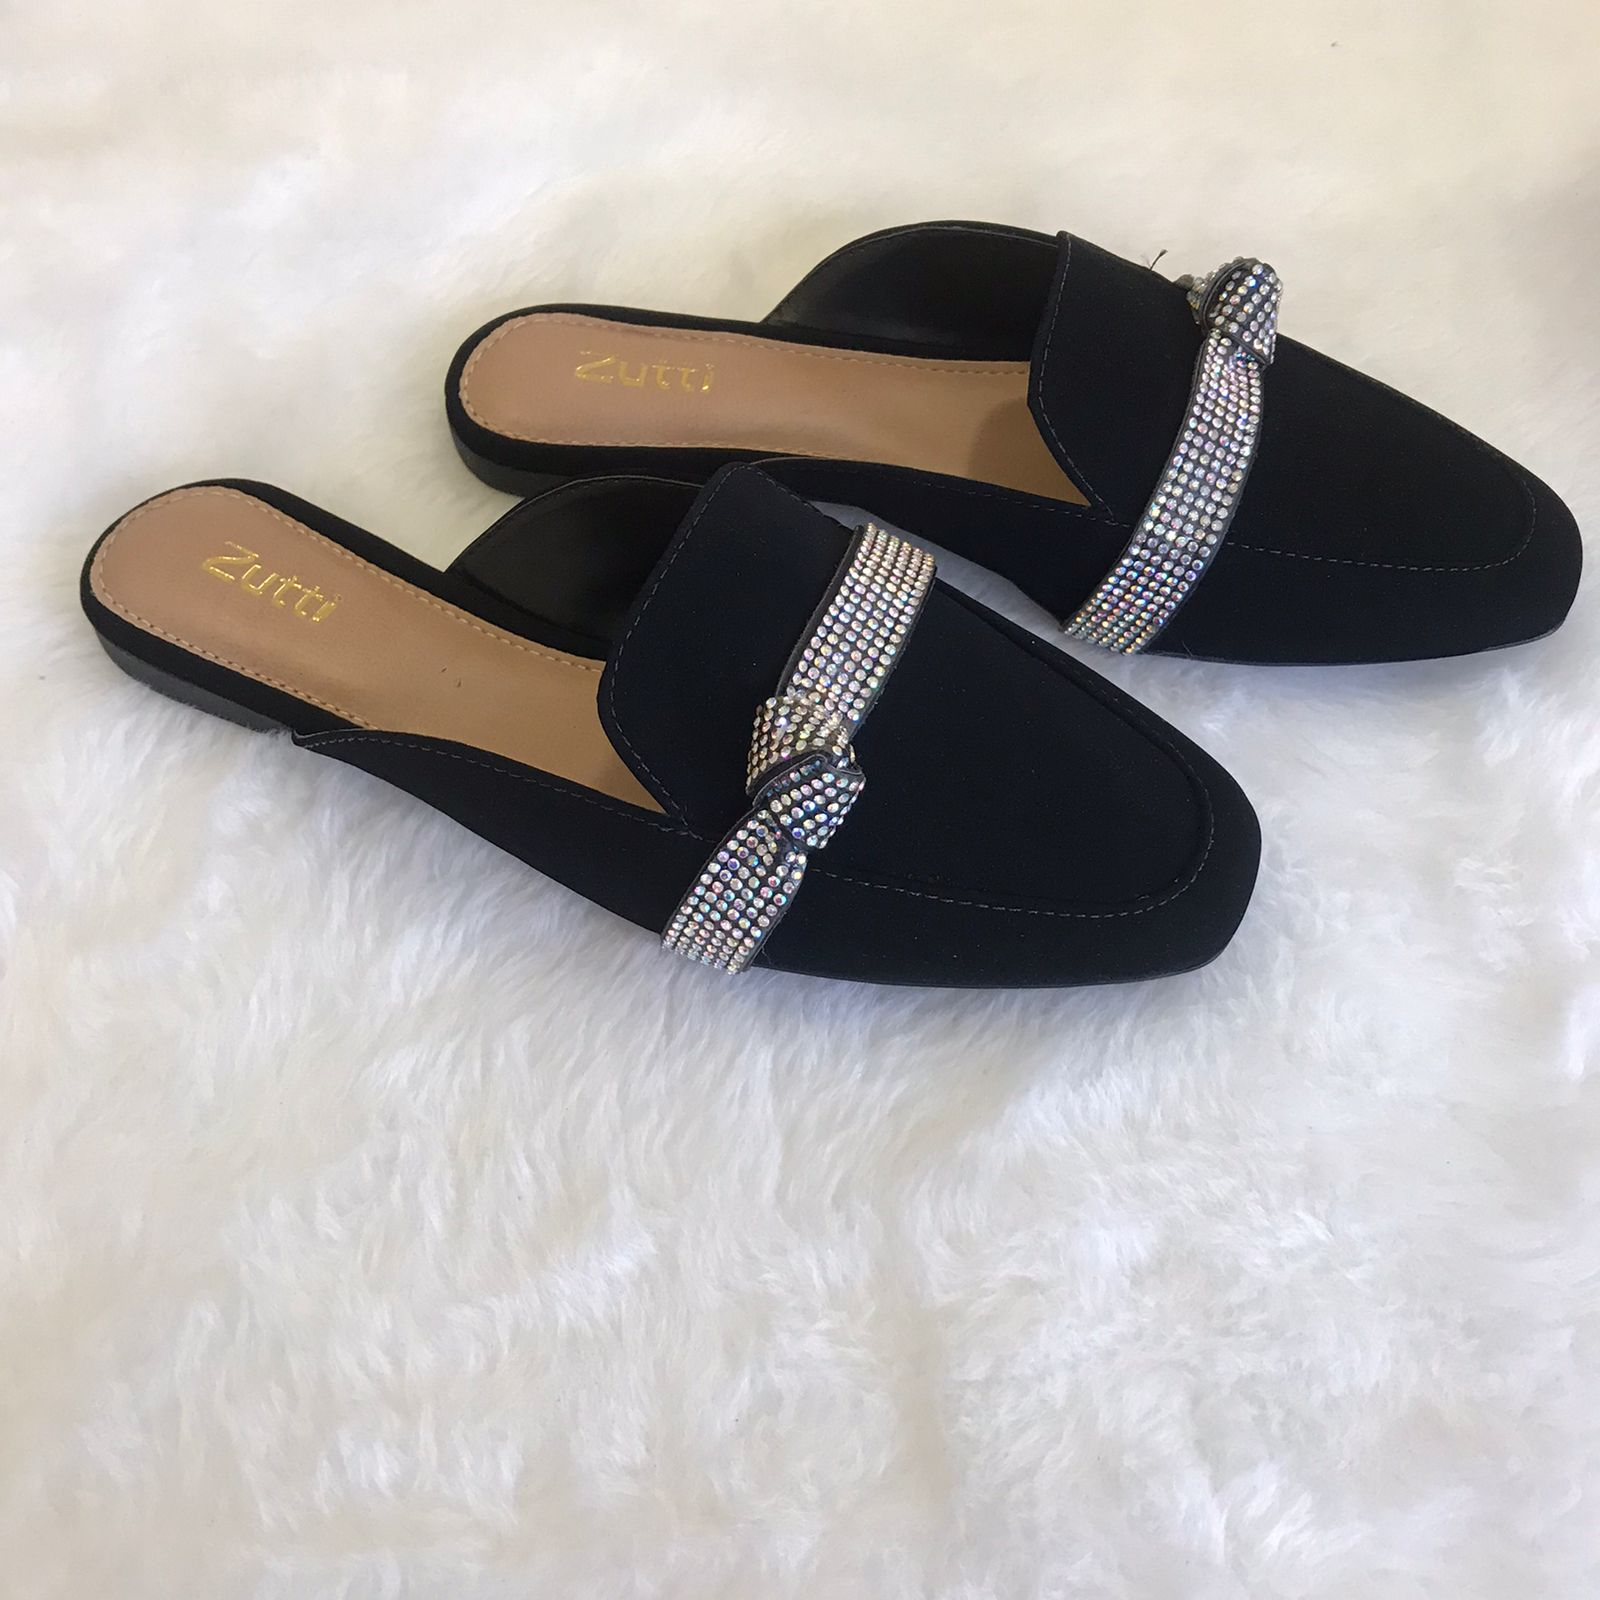 Sapato mule forma quadrada com detalhe tira strass